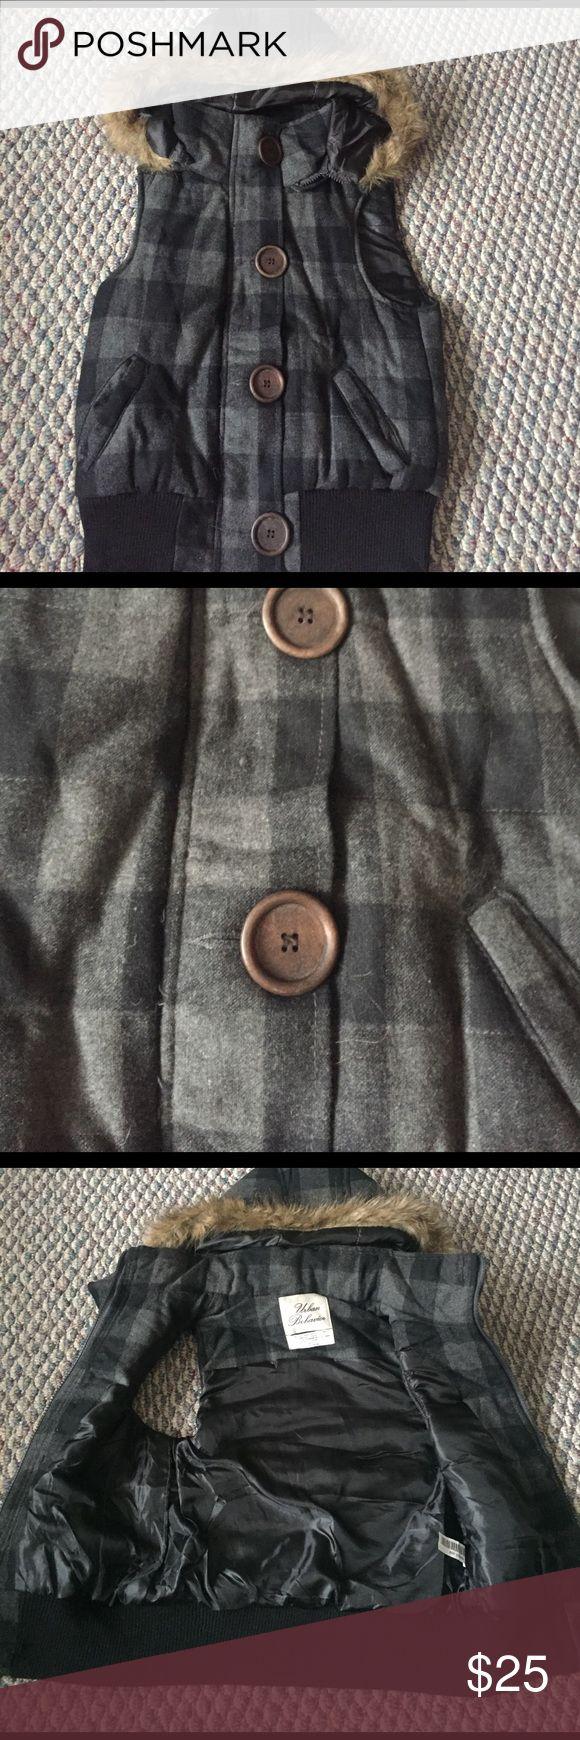 Urban Behavior Vest - Small - Super Cozy- Urban Behavior Vest - Small - Super Cozy- Removable Hood - worn a few times Urban Behavior Jackets & Coats Vests